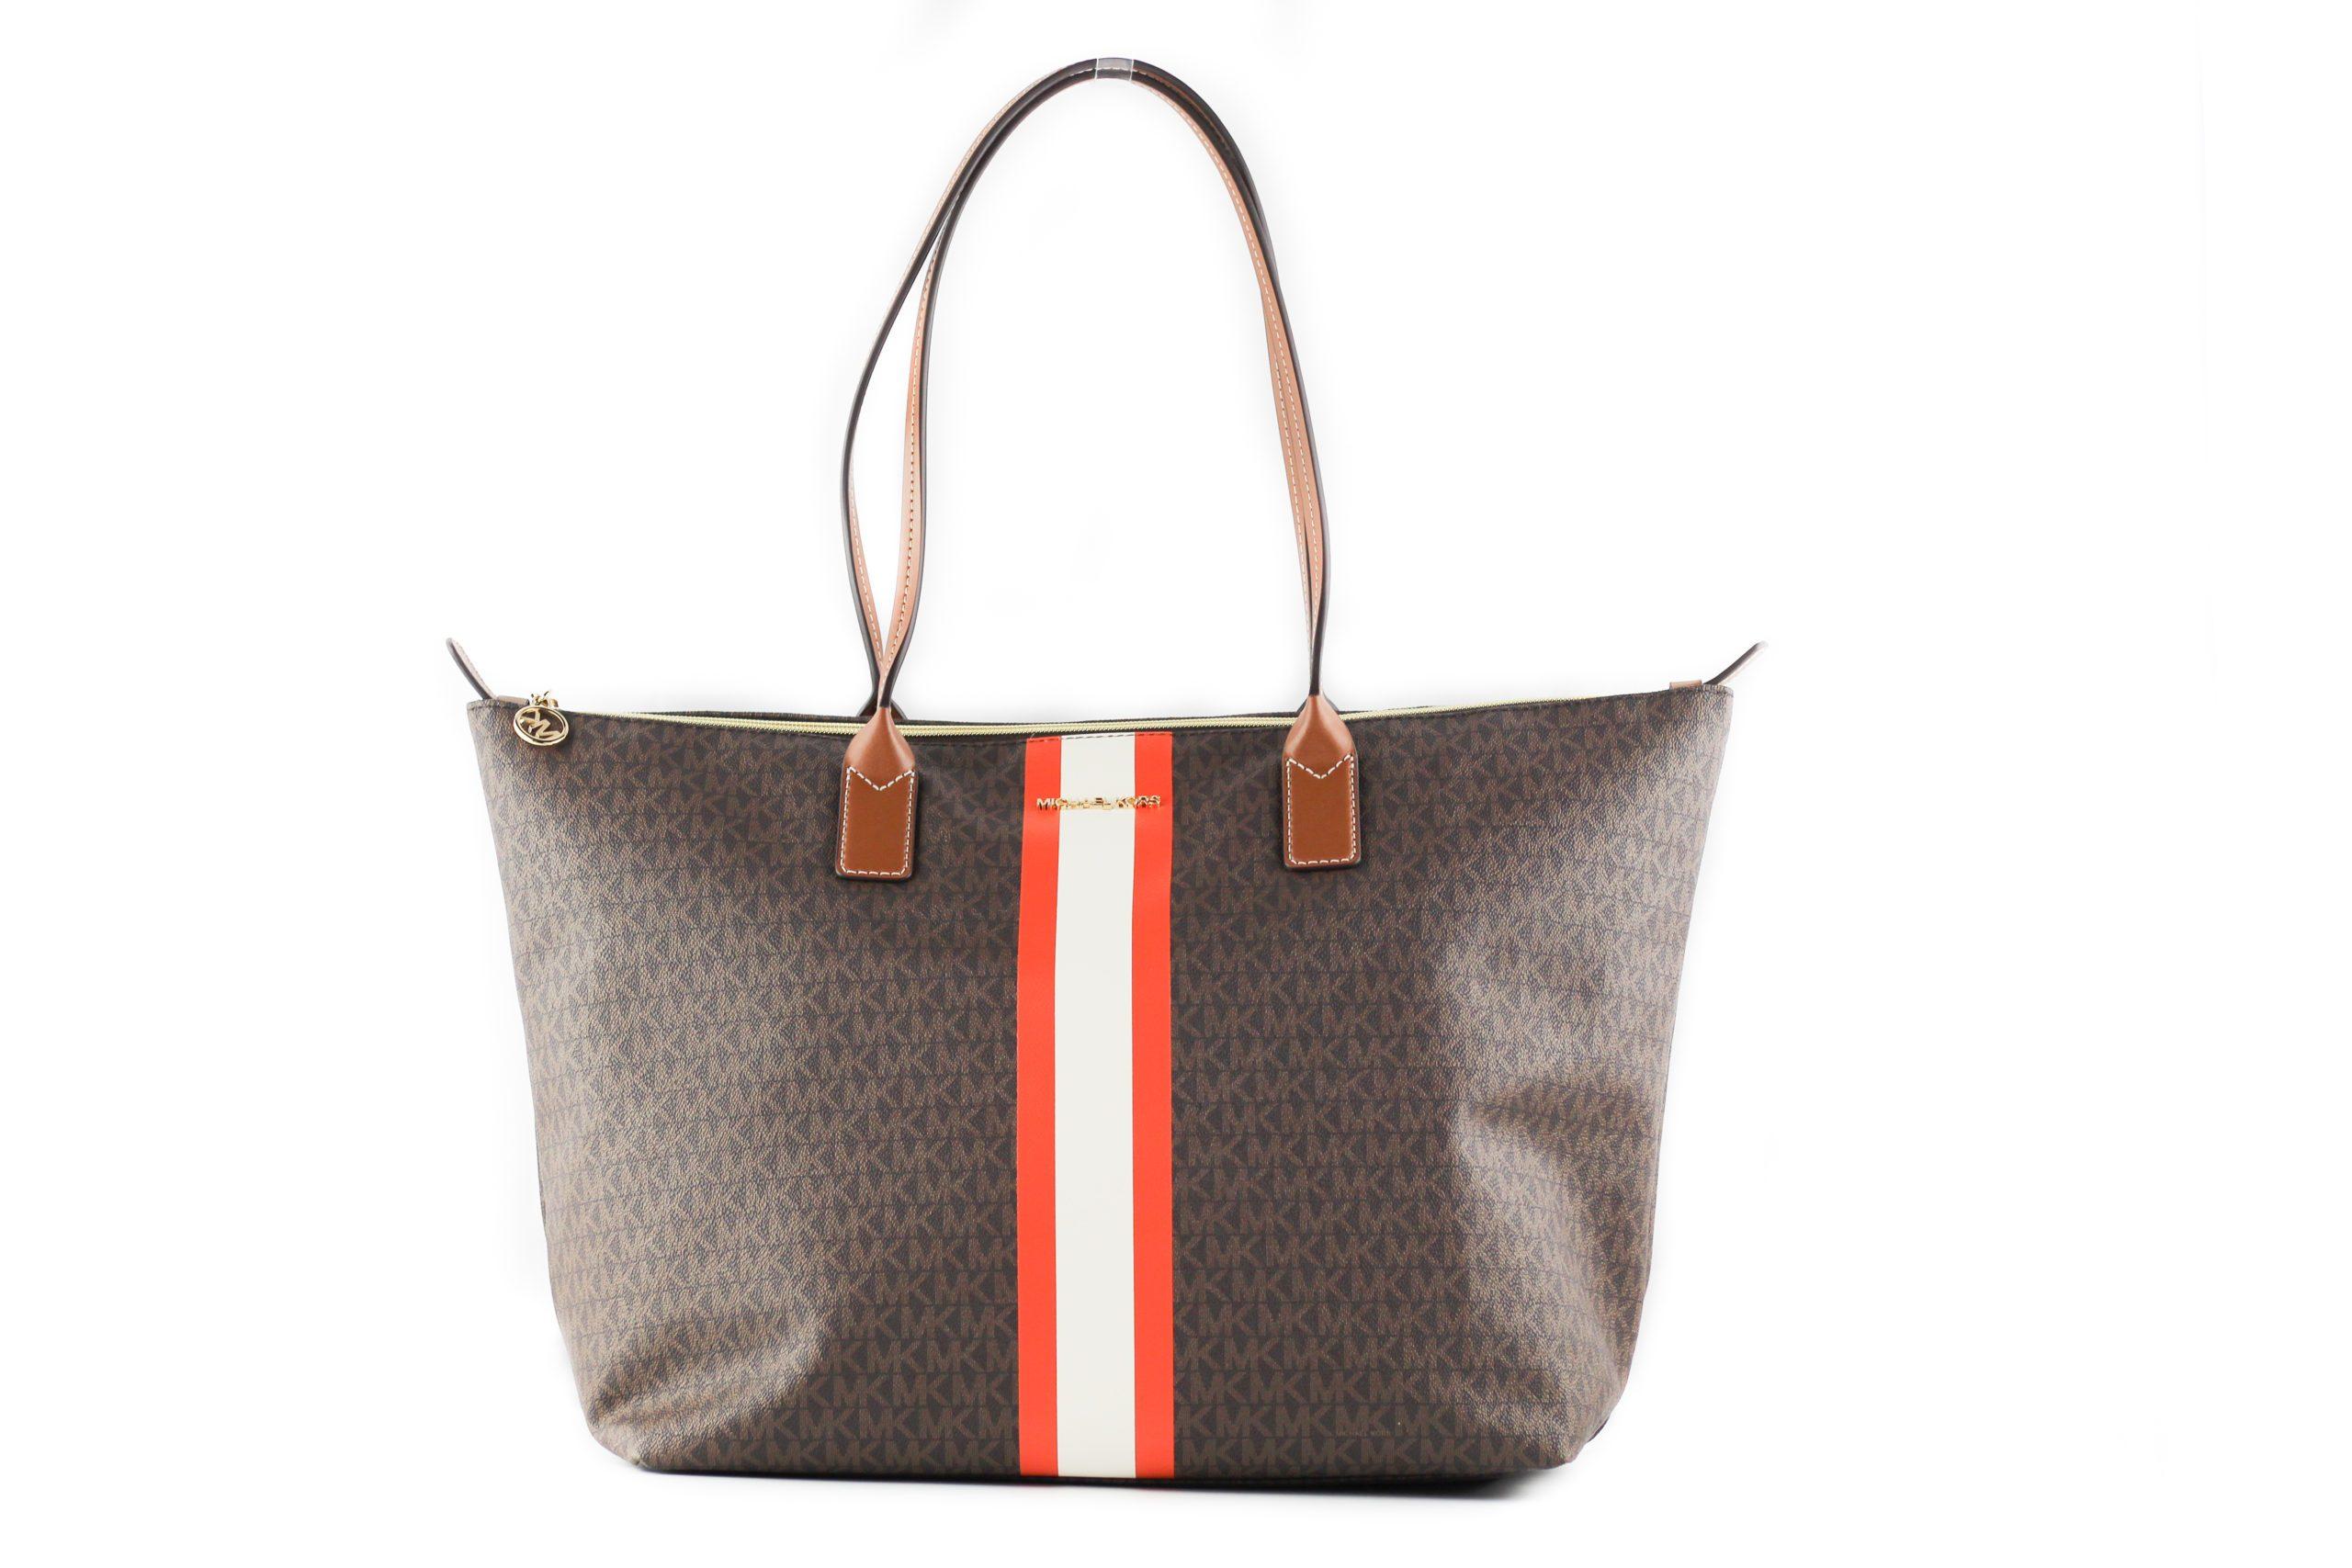 Michael Kors Women's Zip Tote Bag Brown 25598